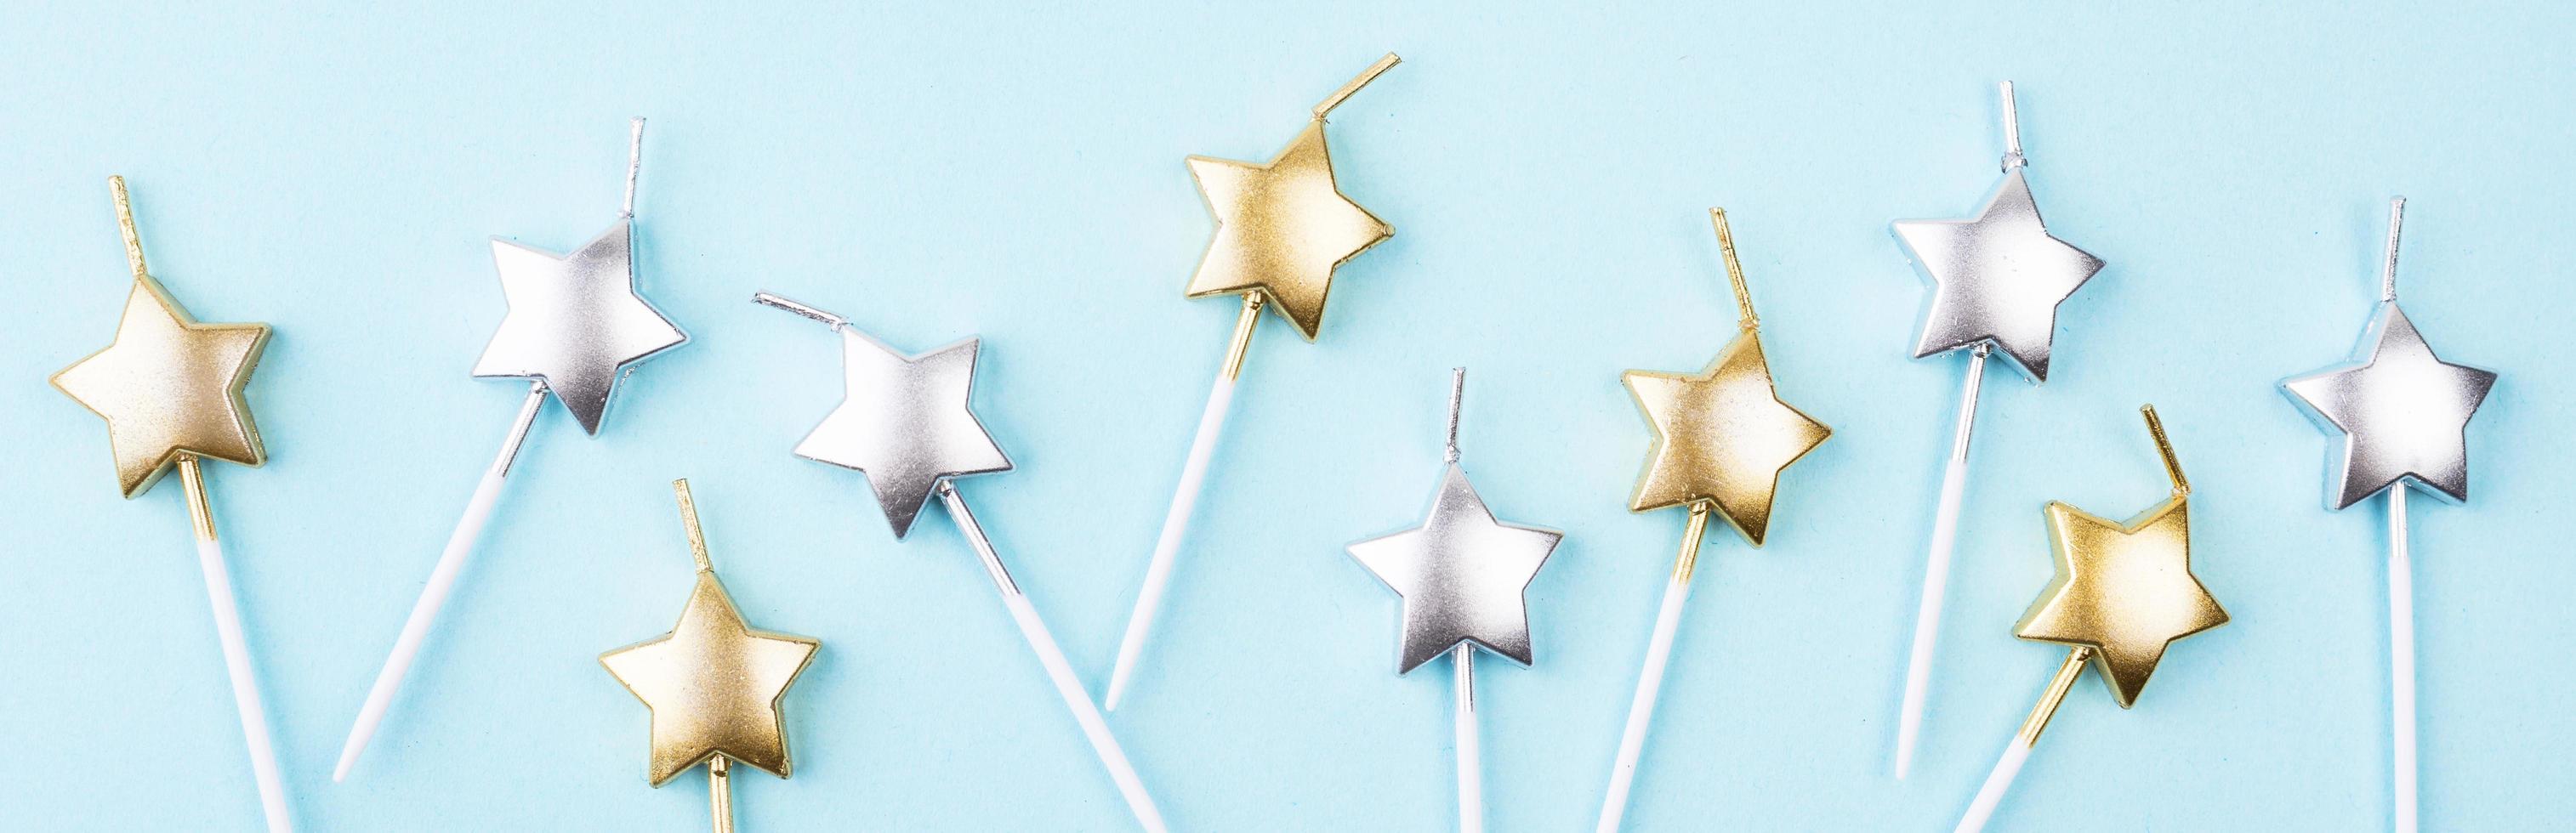 Sternkerzen auf blauem Hintergrund foto